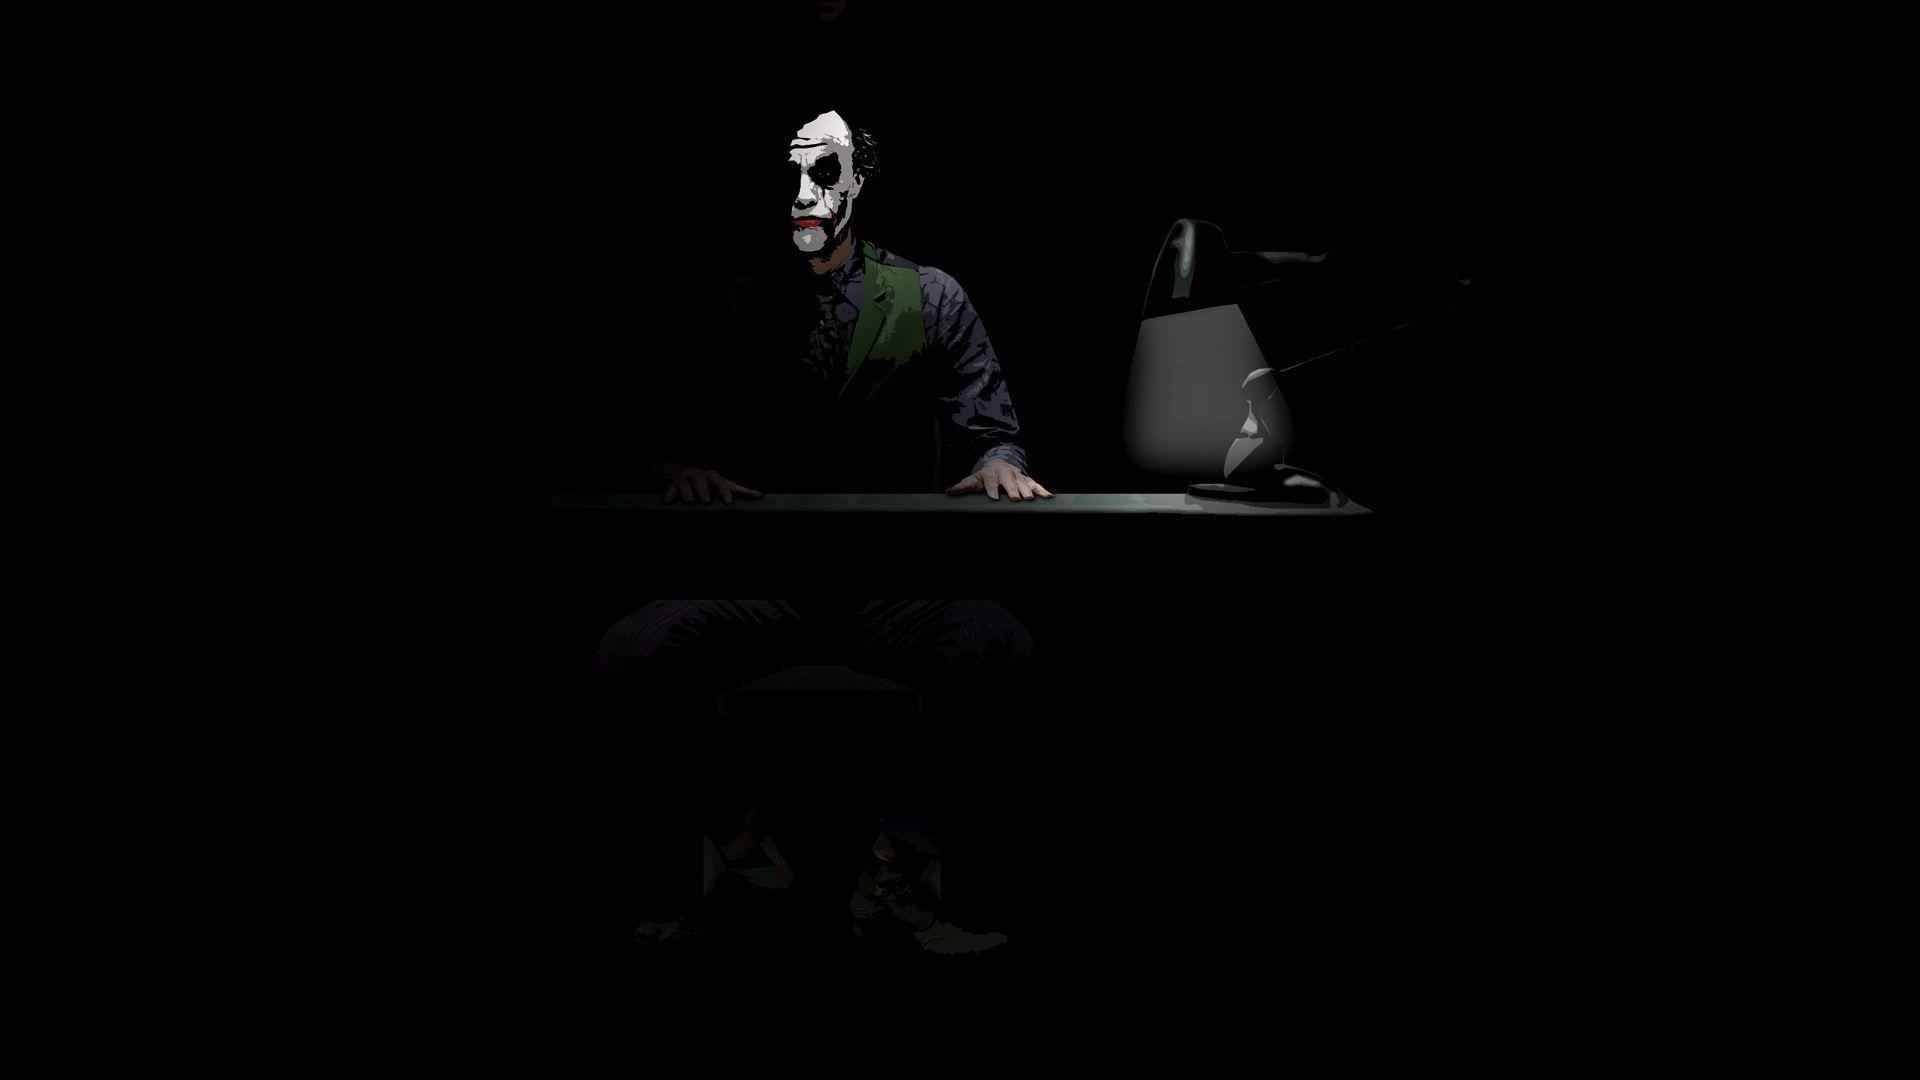 Dark Joker Wallpapers Wallpaper Cave